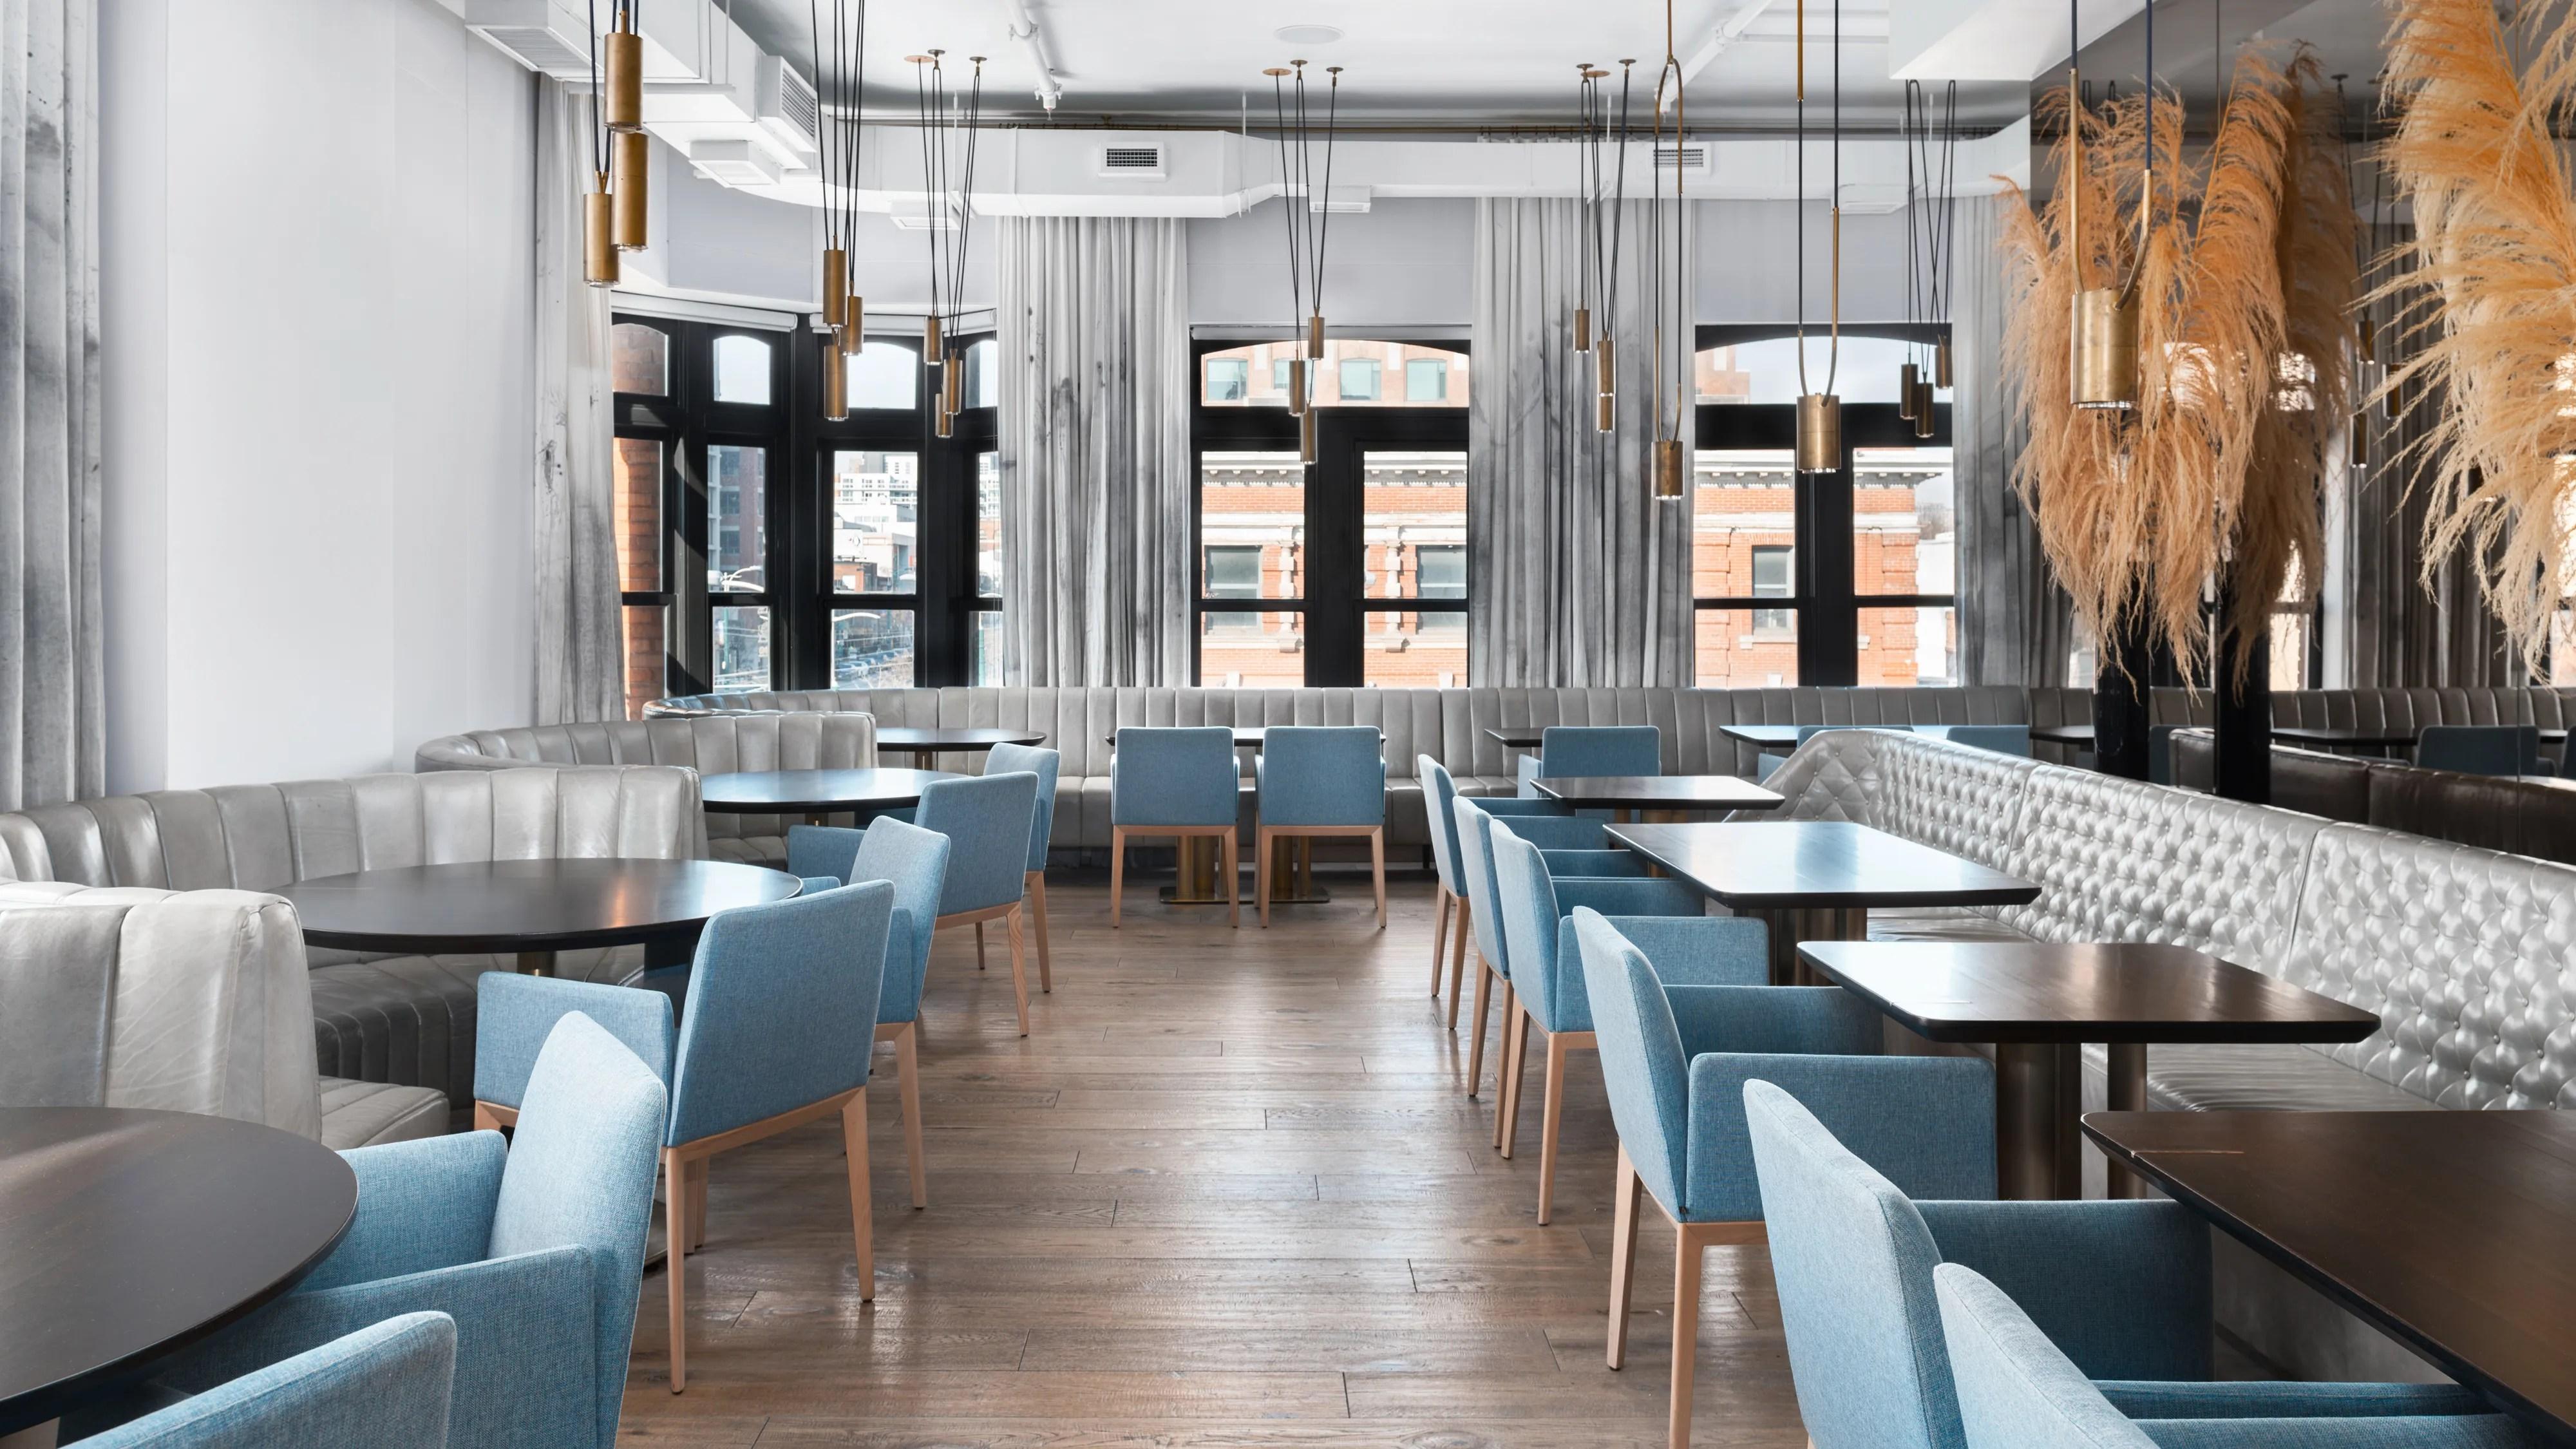 20 best restaurants in